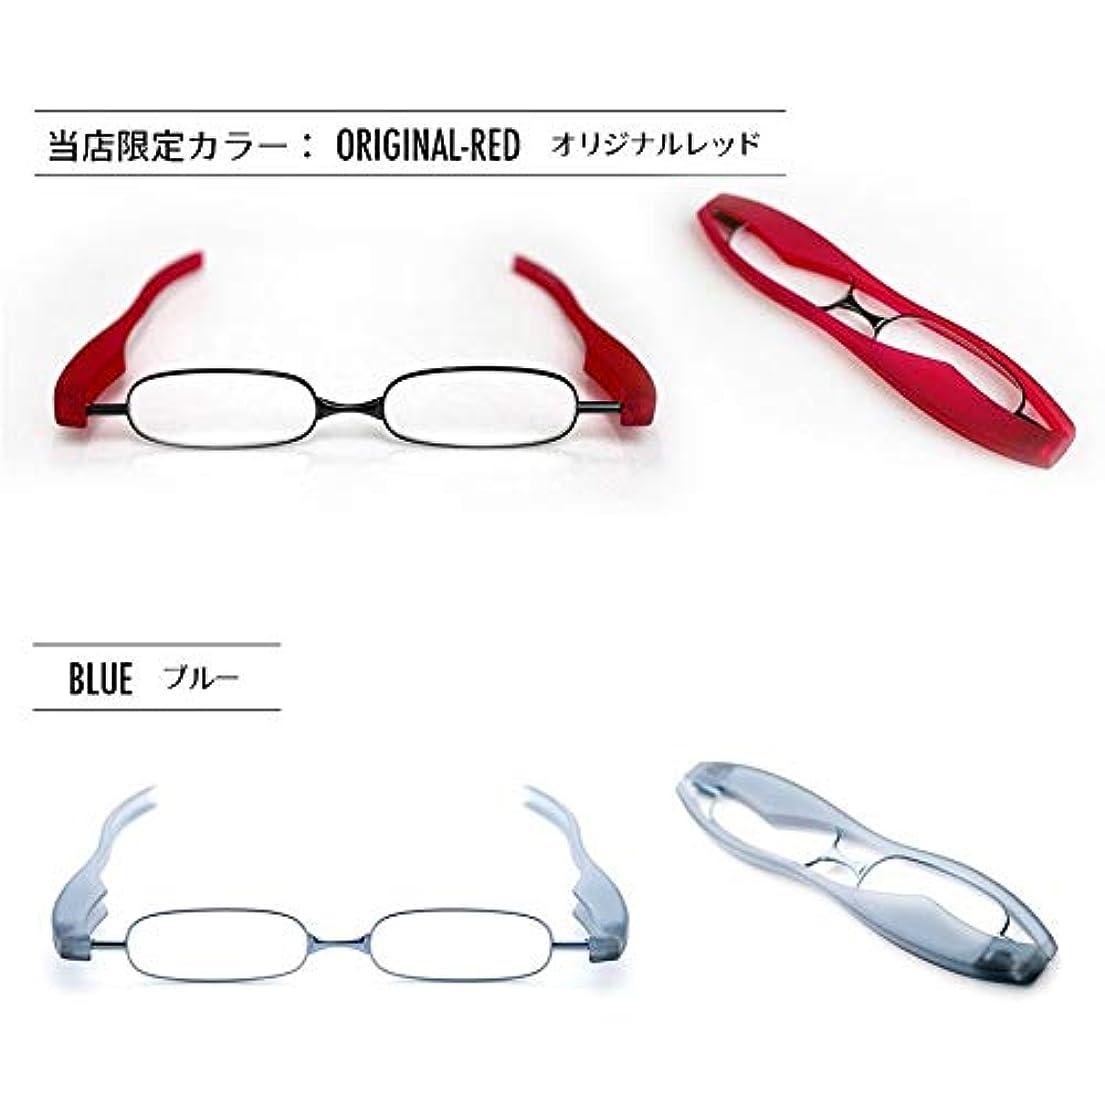 謙虚な道路フェデレーション老眼鏡 ポットリーダースマート 2本セット【オリジナルレッド(2.5)】+【ブルー(1.5)】